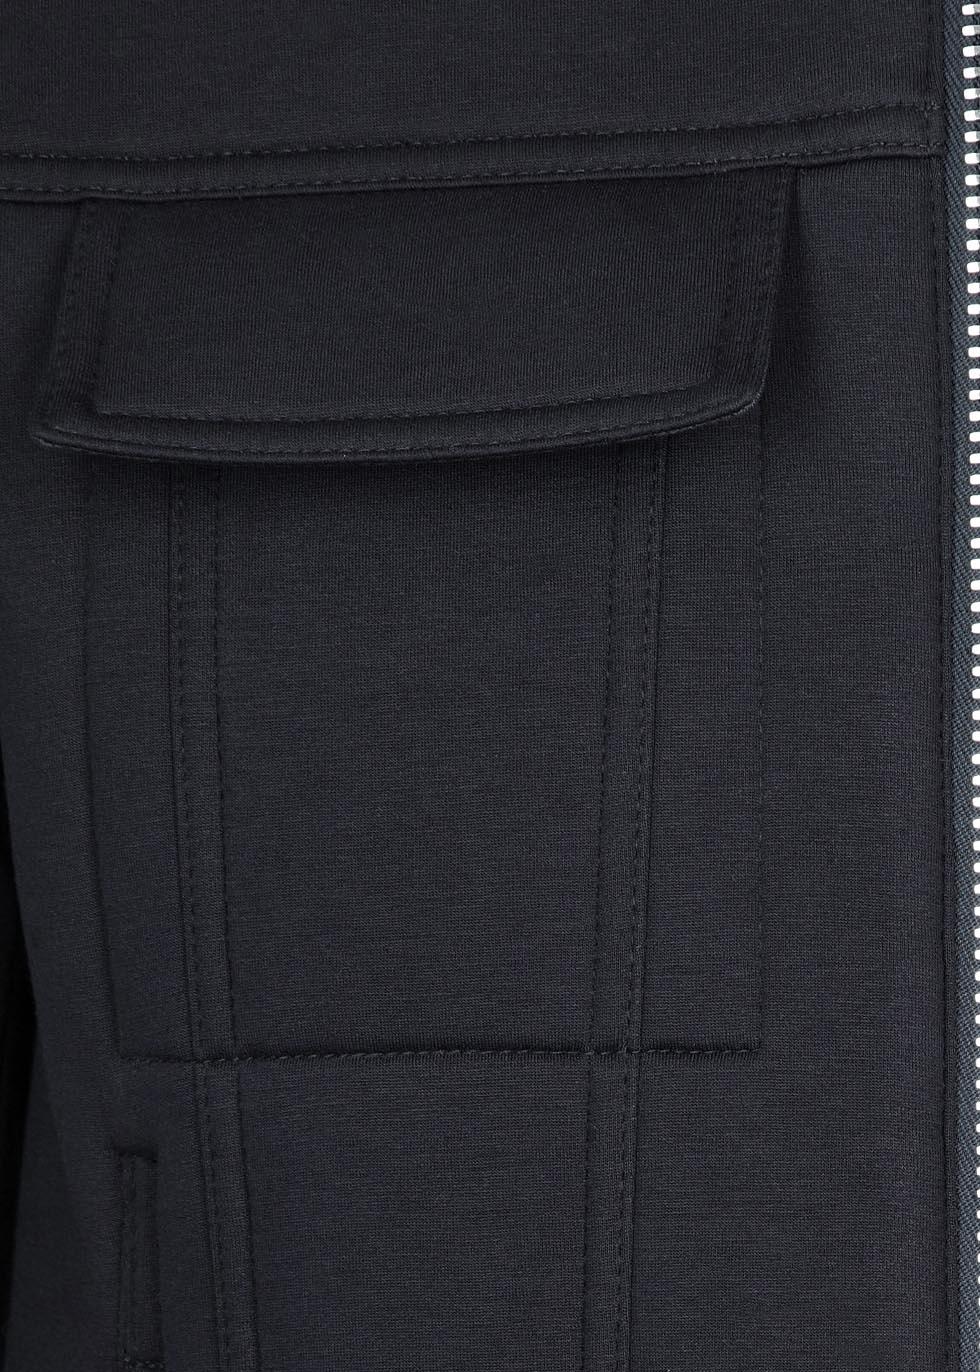 Neil Barrett Navy Neoprene Harrington Jacket in Blue for Men